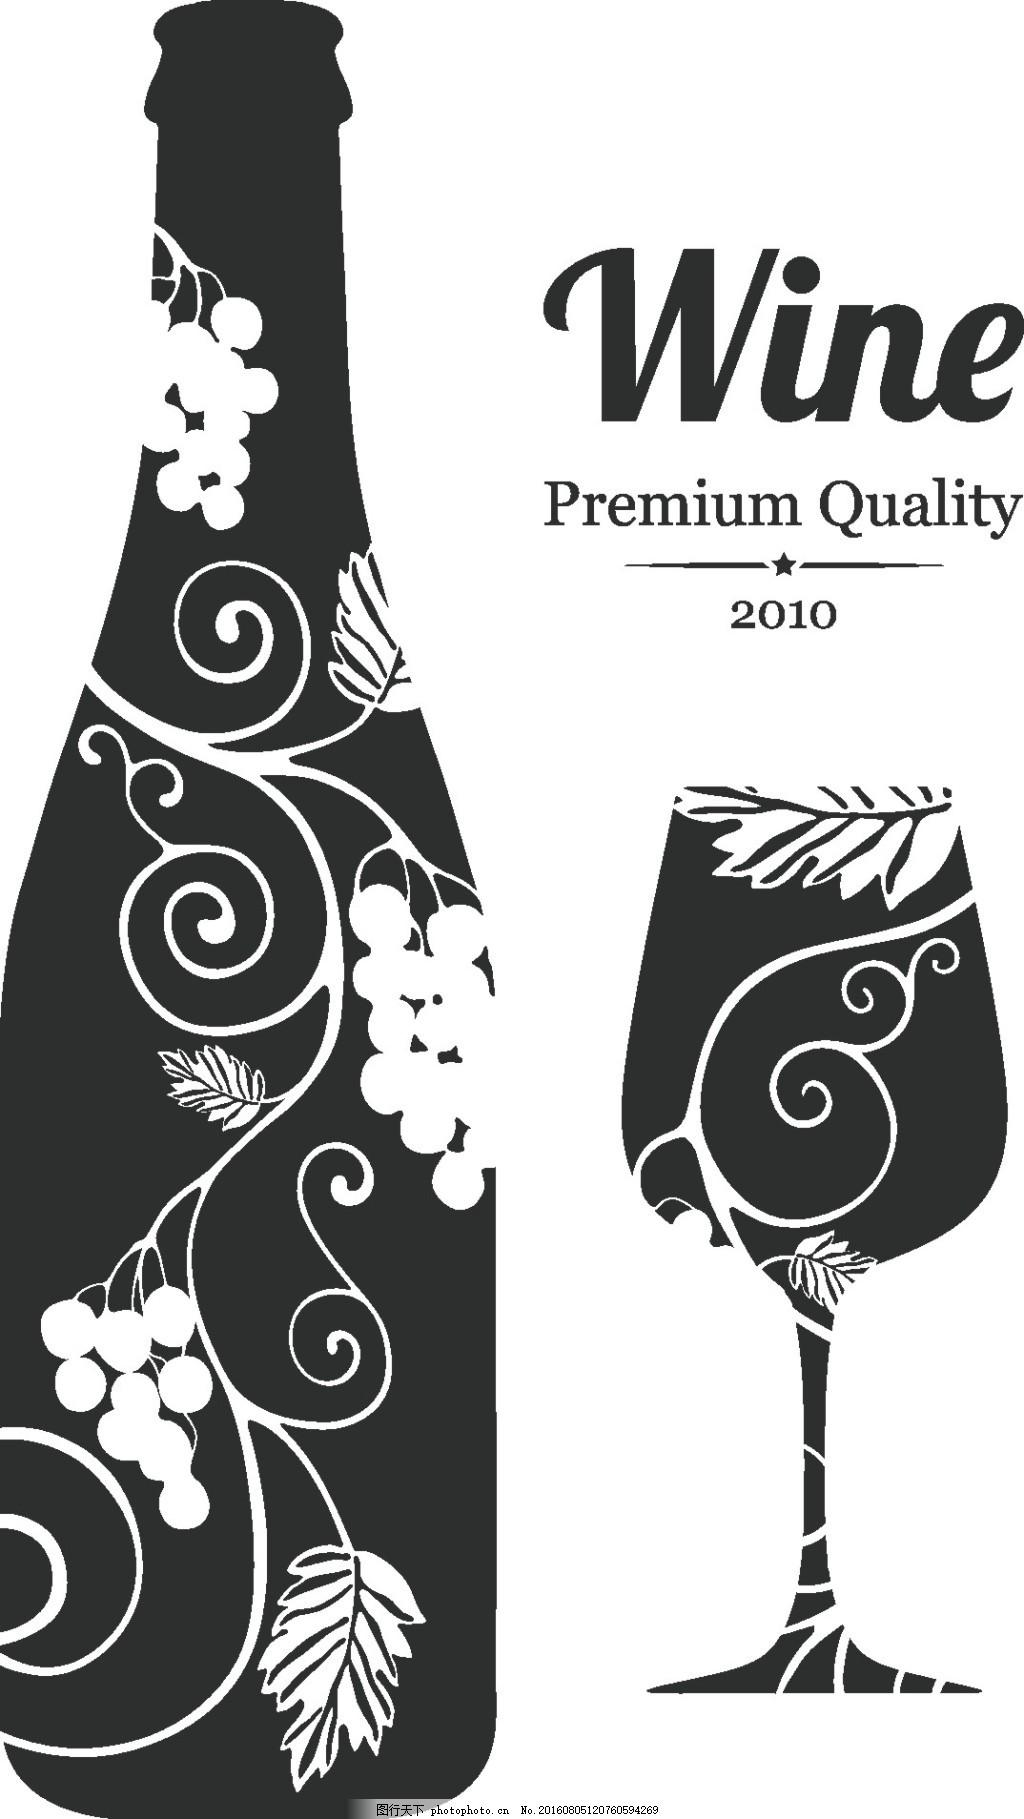 手绘花纹酒瓶 矢量酒瓶 矢量花纹酒杯 创意酒瓶 抽象葡萄酒瓶 矢量